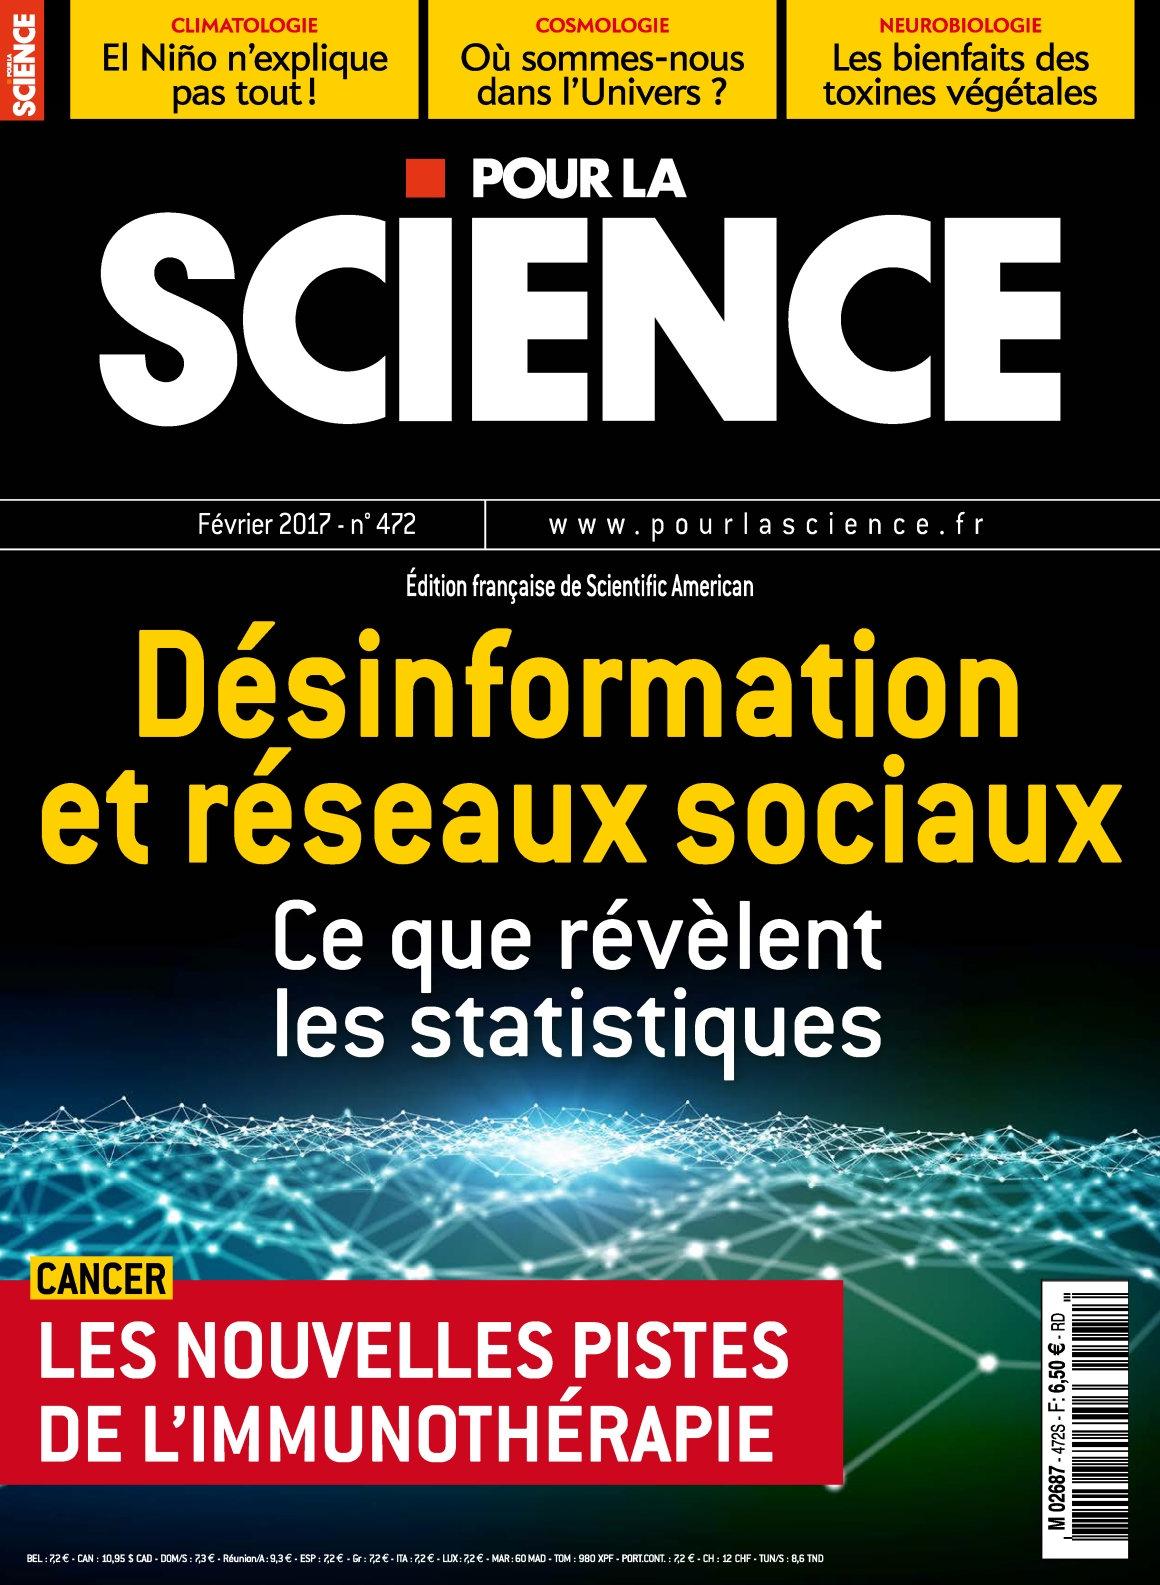 Pour la Science N°472 - Février 2017